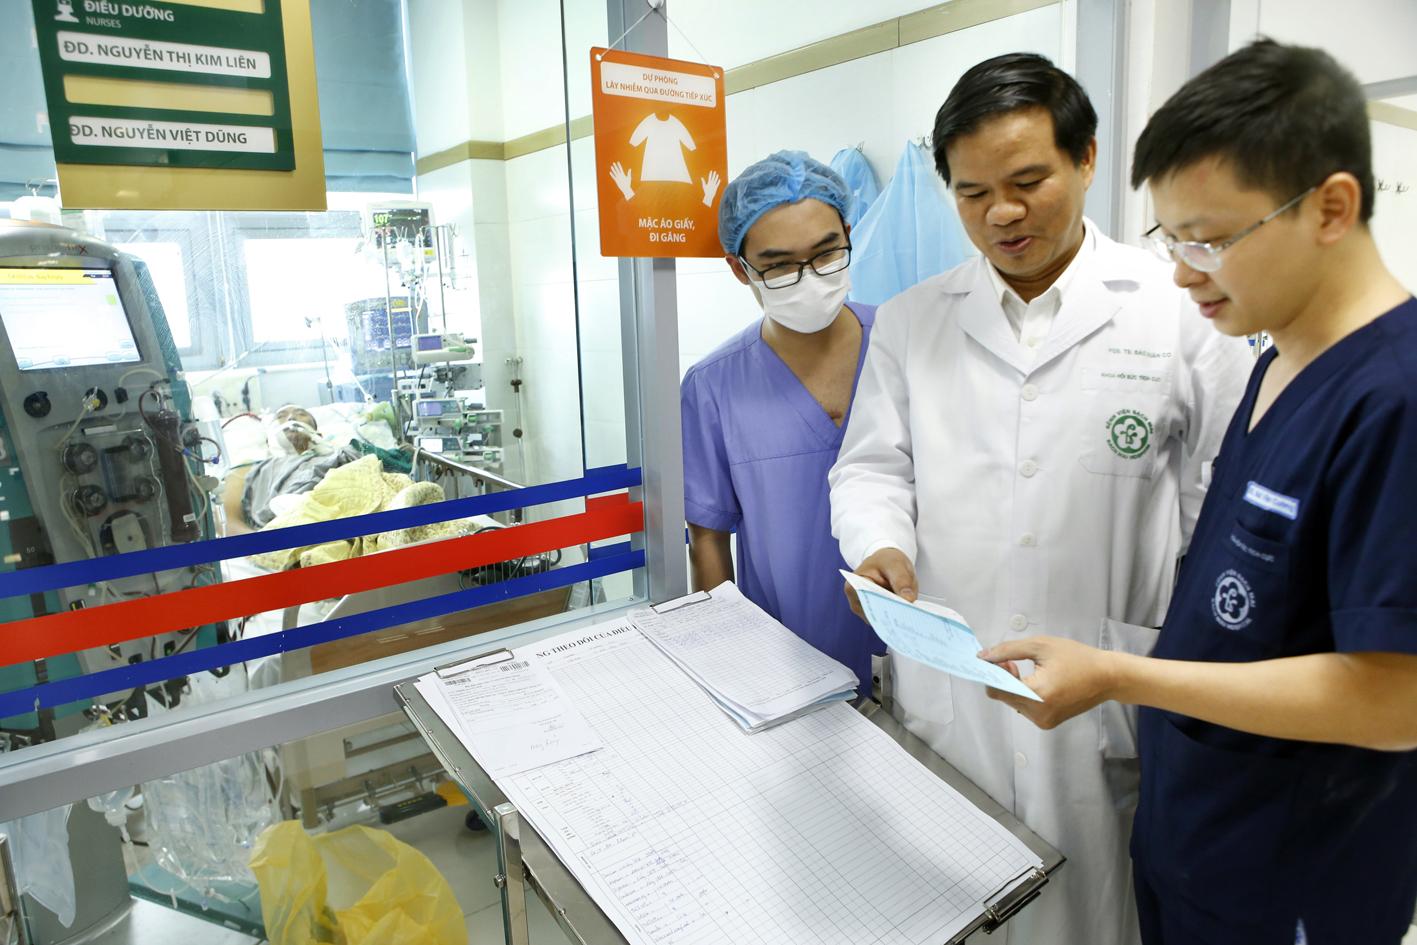 Cúm A/H1N1: Bệnh cúm mùa đang gây nguy hiểm cho nhiều người - Ảnh 1